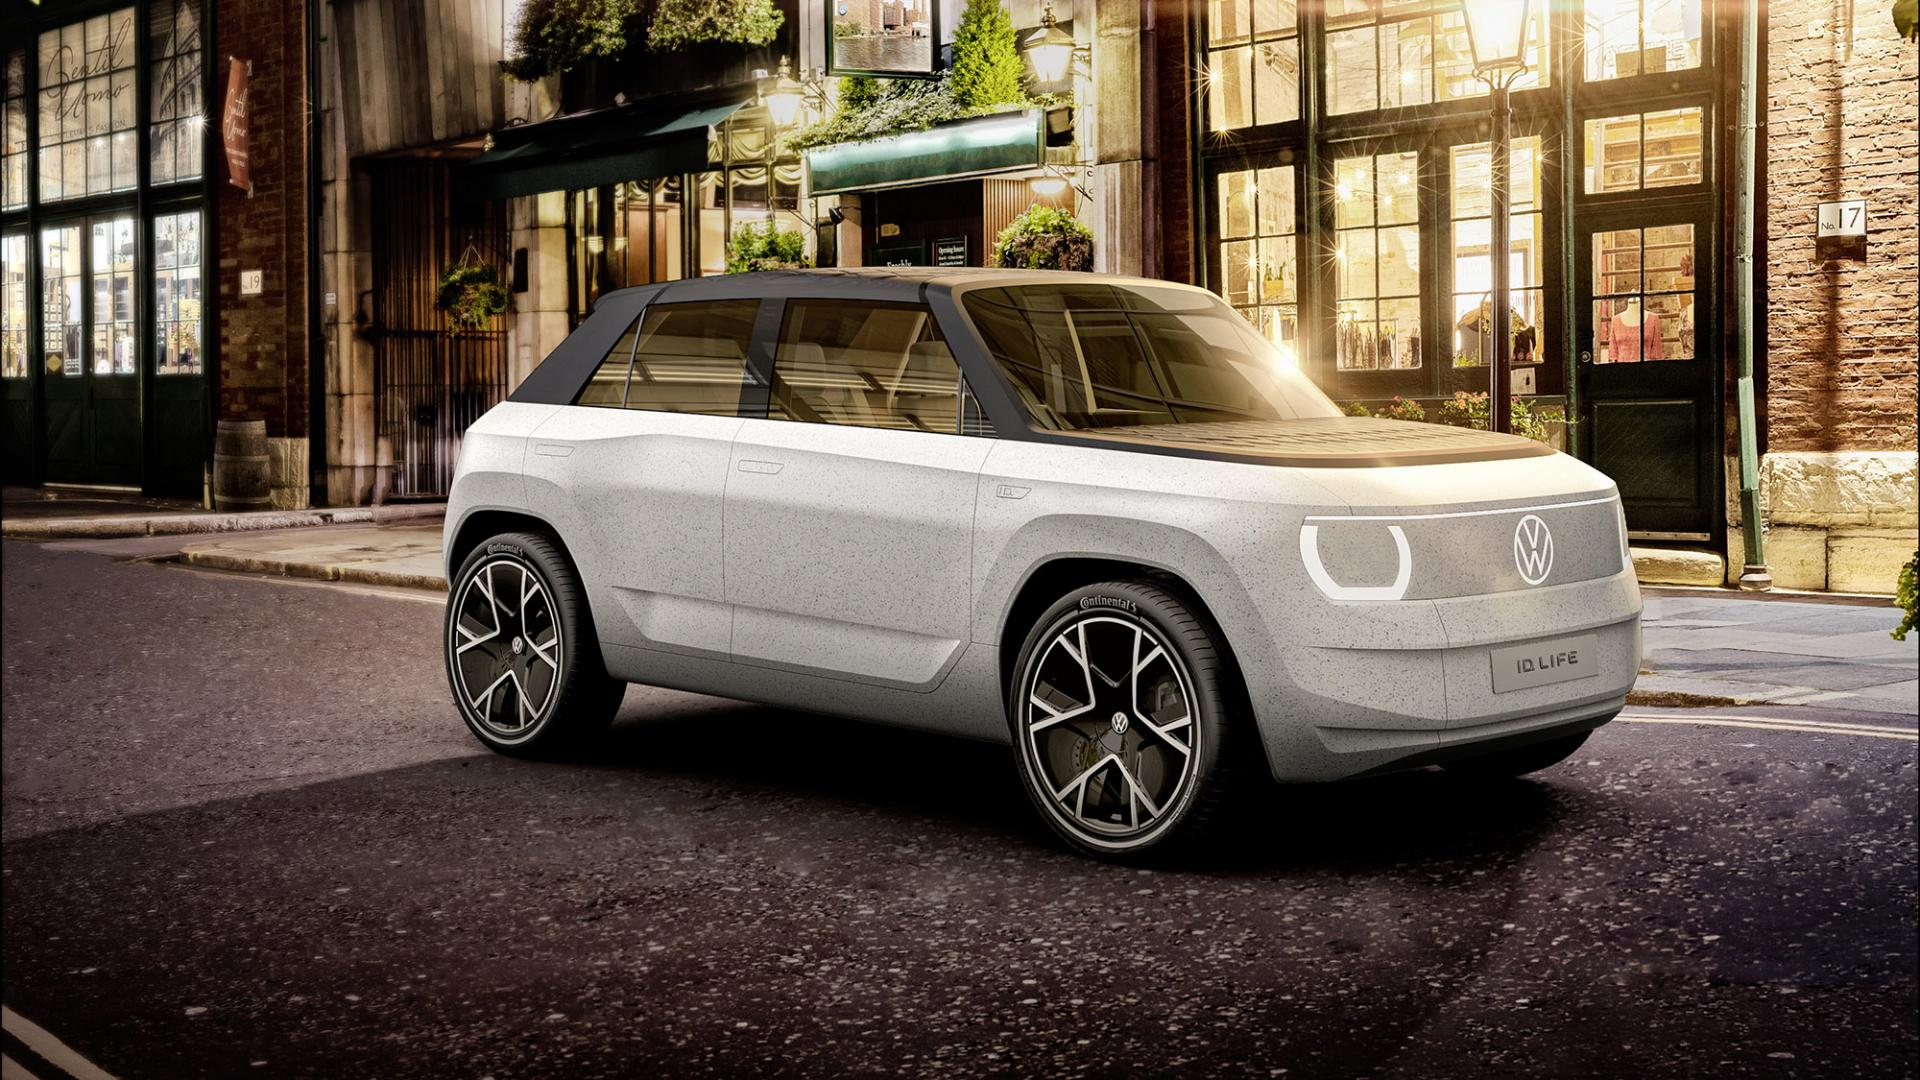 Volkswagen ID Life concept 2021